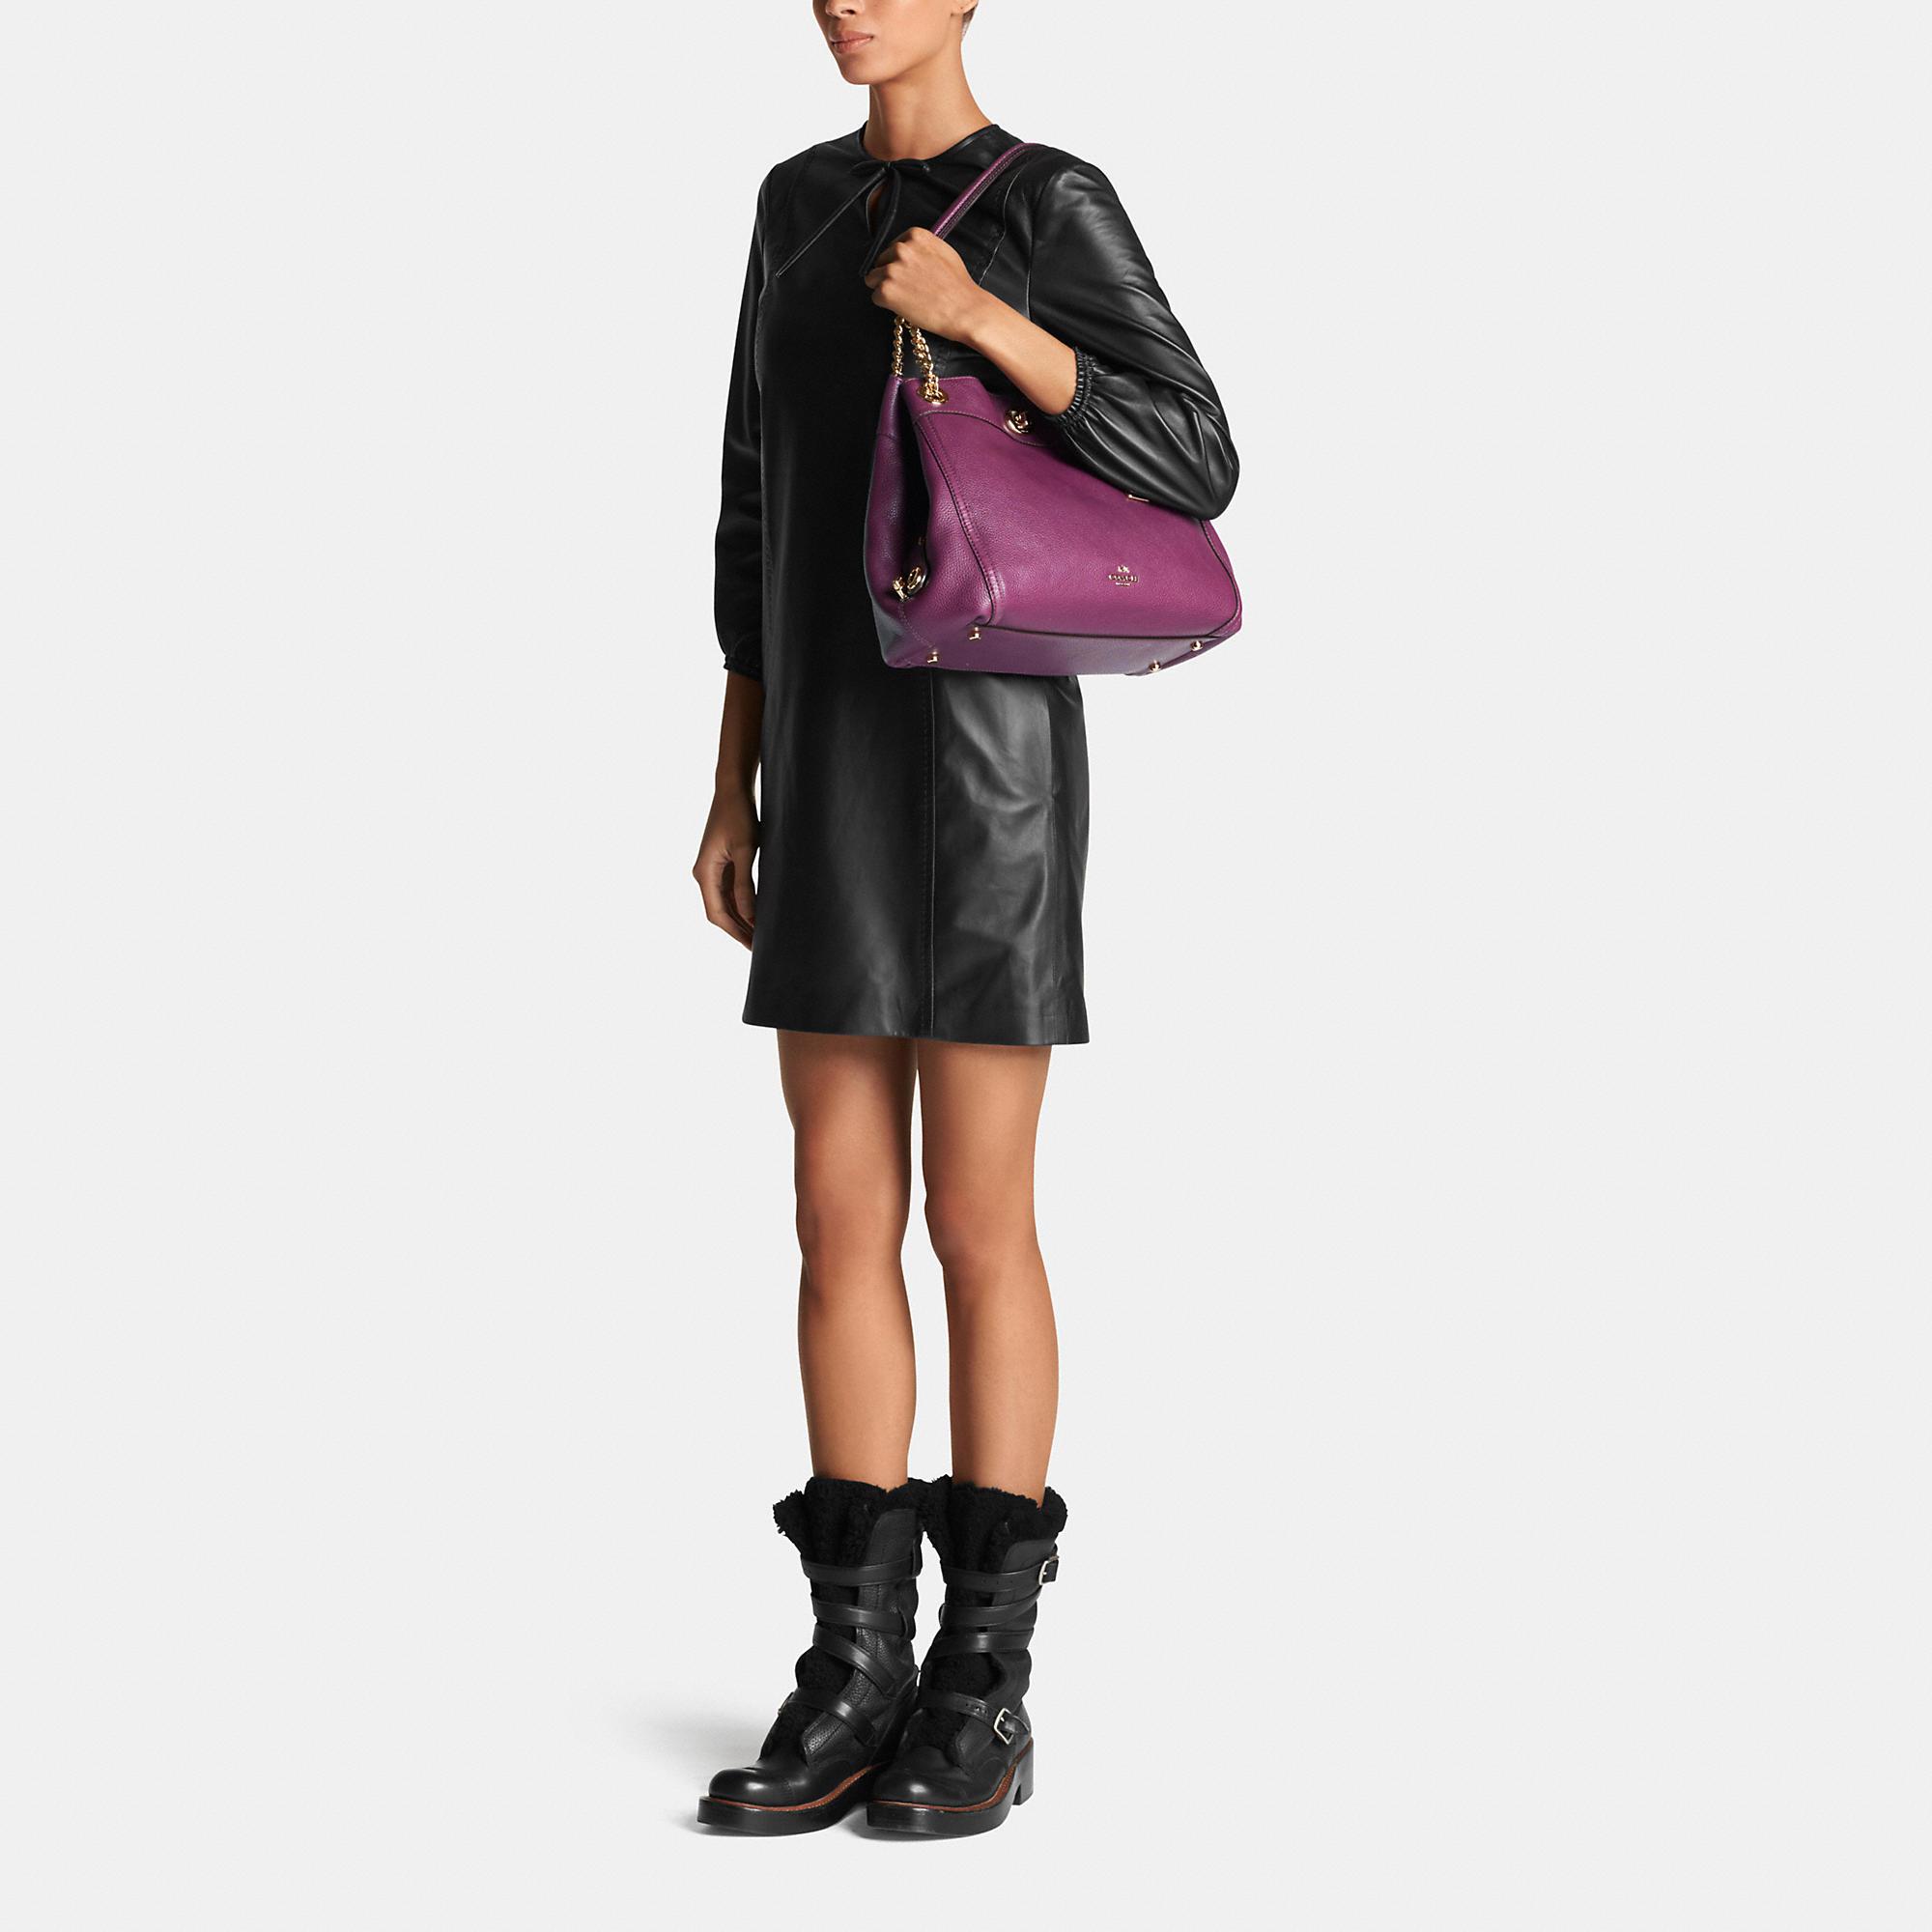 Coach Turnlock Edie Shoulder Bag In Pebble Leather In